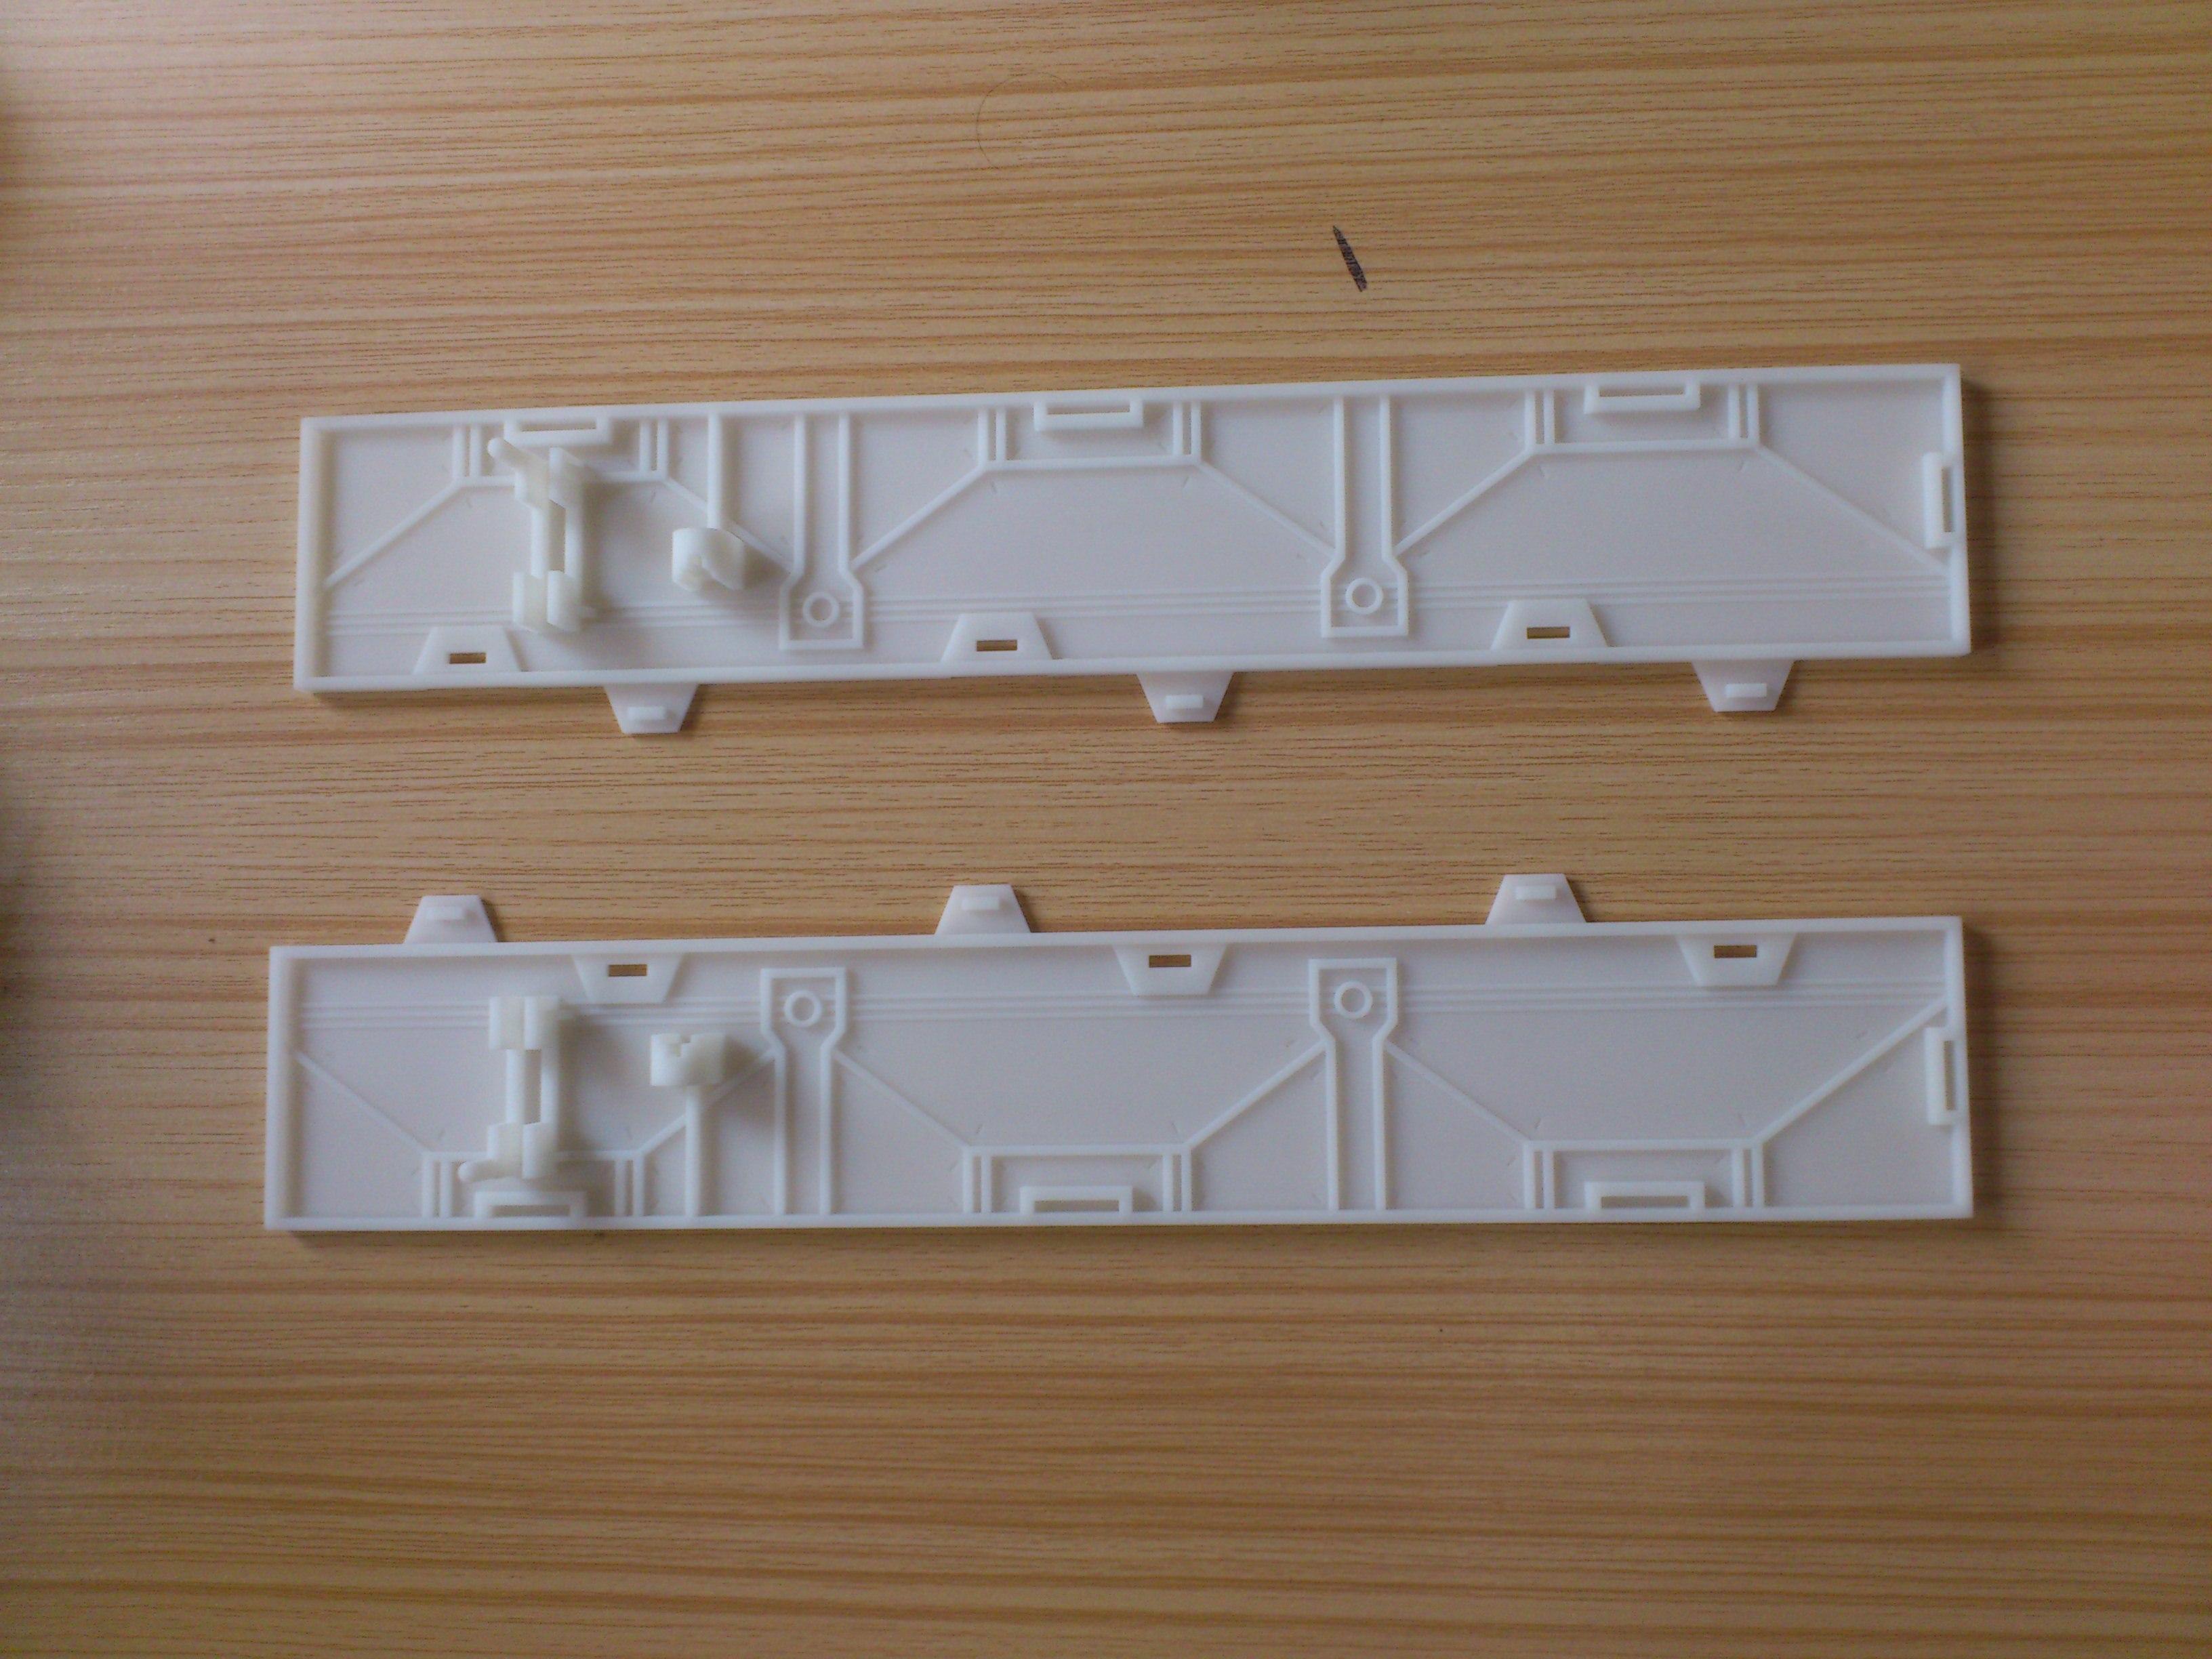 汇通三维打印   塑胶模具加工 3D打印服务  发动机模型 手柄手板